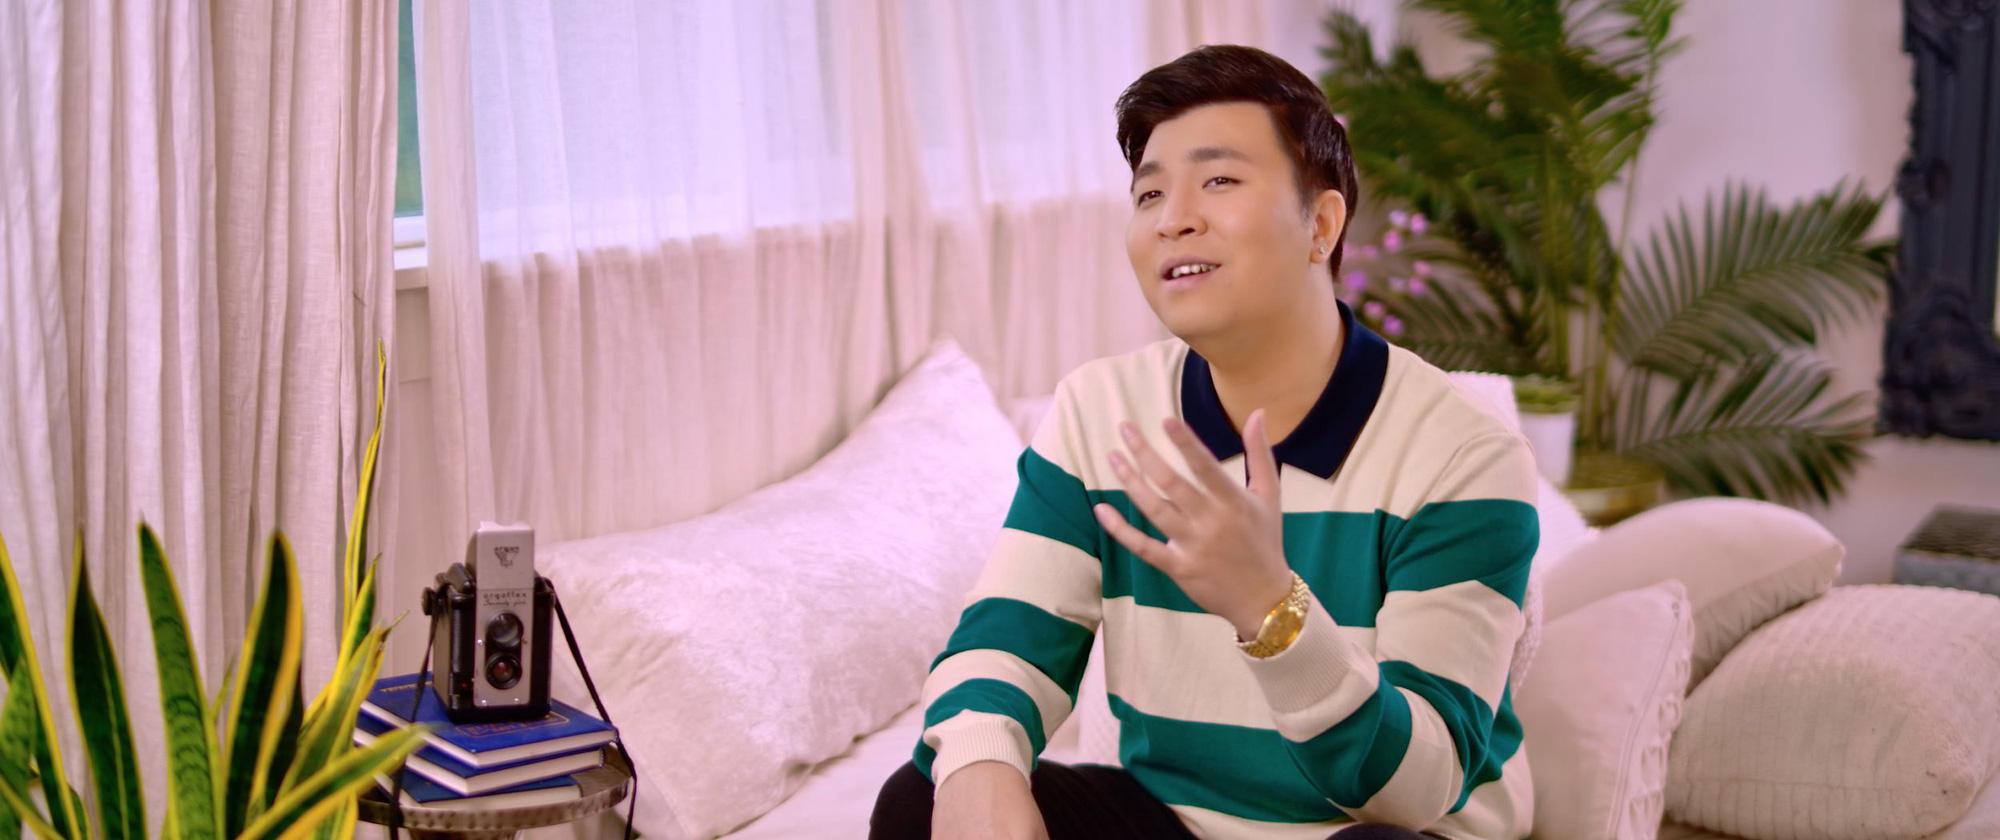 Anh Khang ra mắt ca khúc ngọt lịm tim cho các cặp đôi, hiếm hoi chia sẻ về vợ - Ảnh 4.